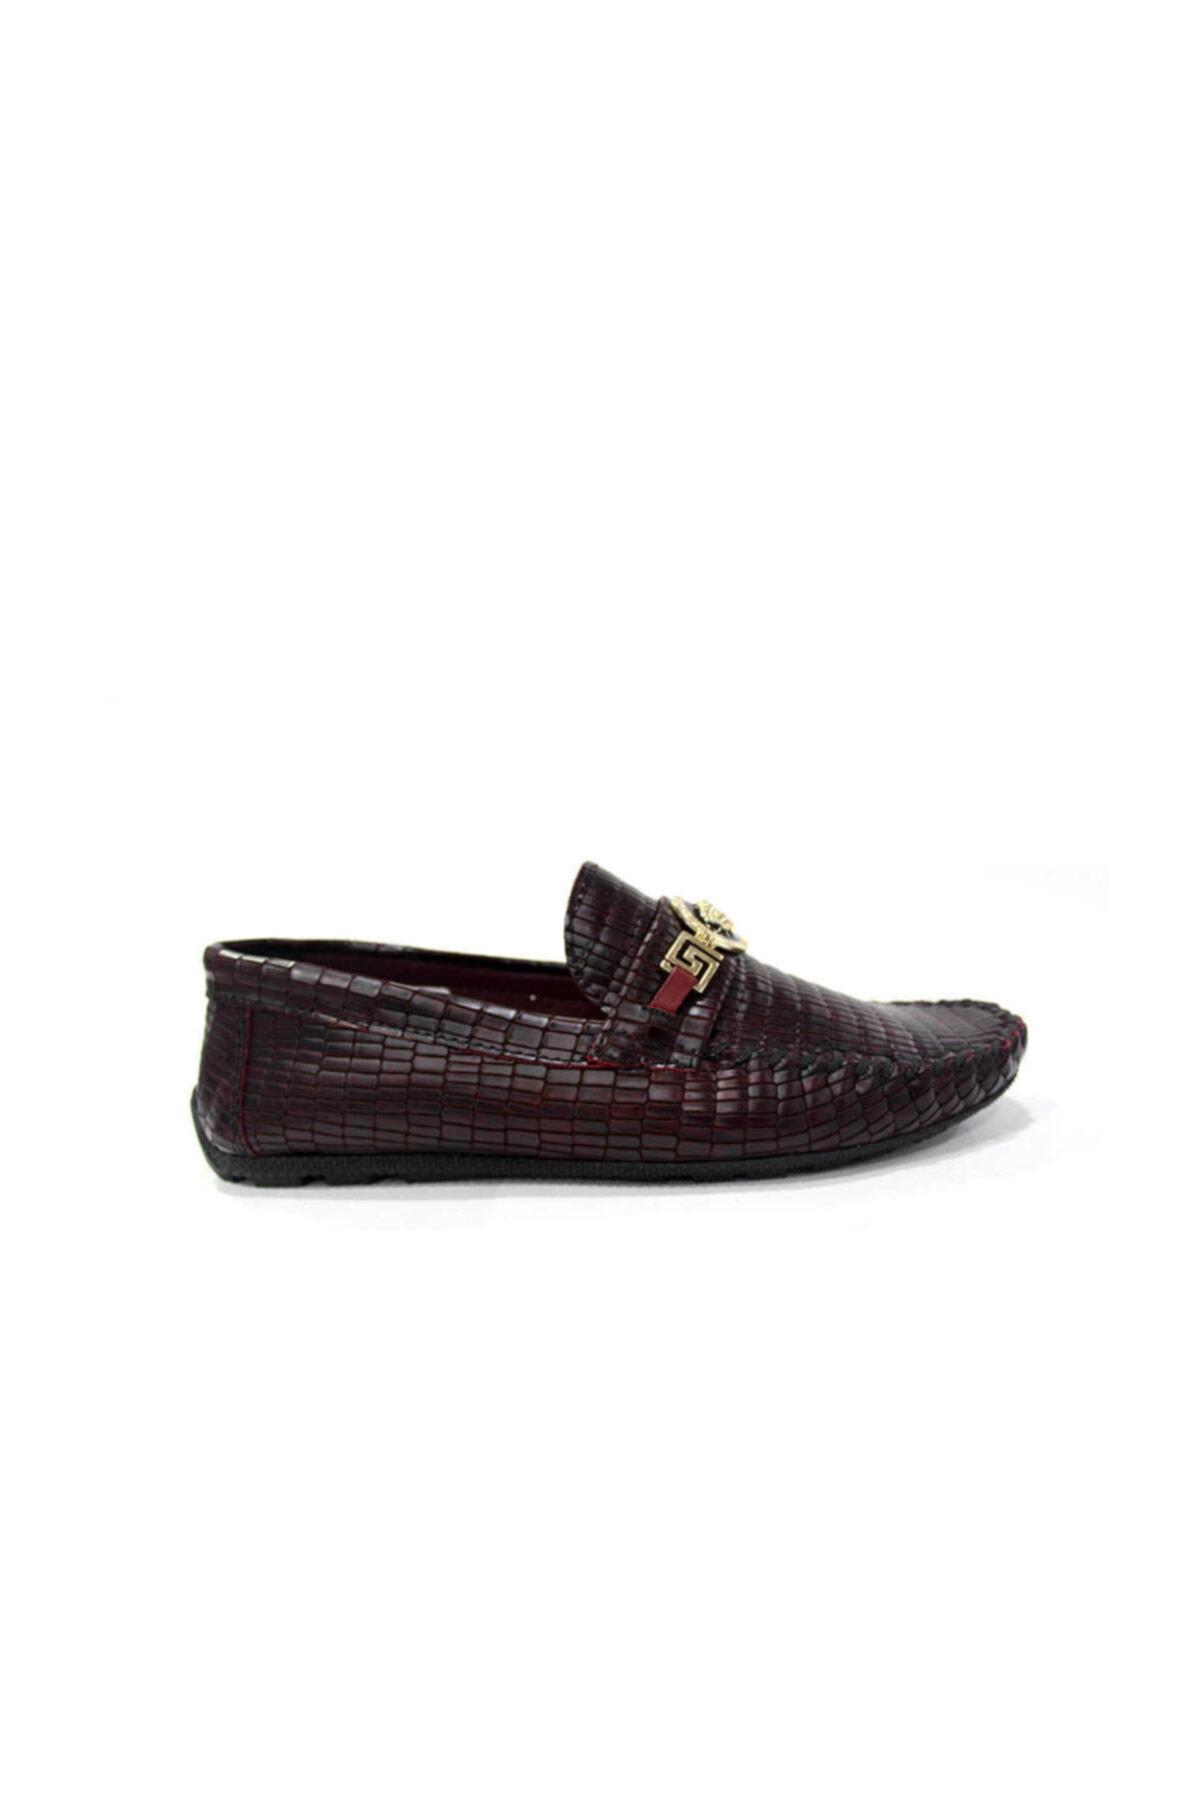 TETRİ Hakiki Deri Erkek Günlük Ayakkabı-bordo Kroko Rox8 1